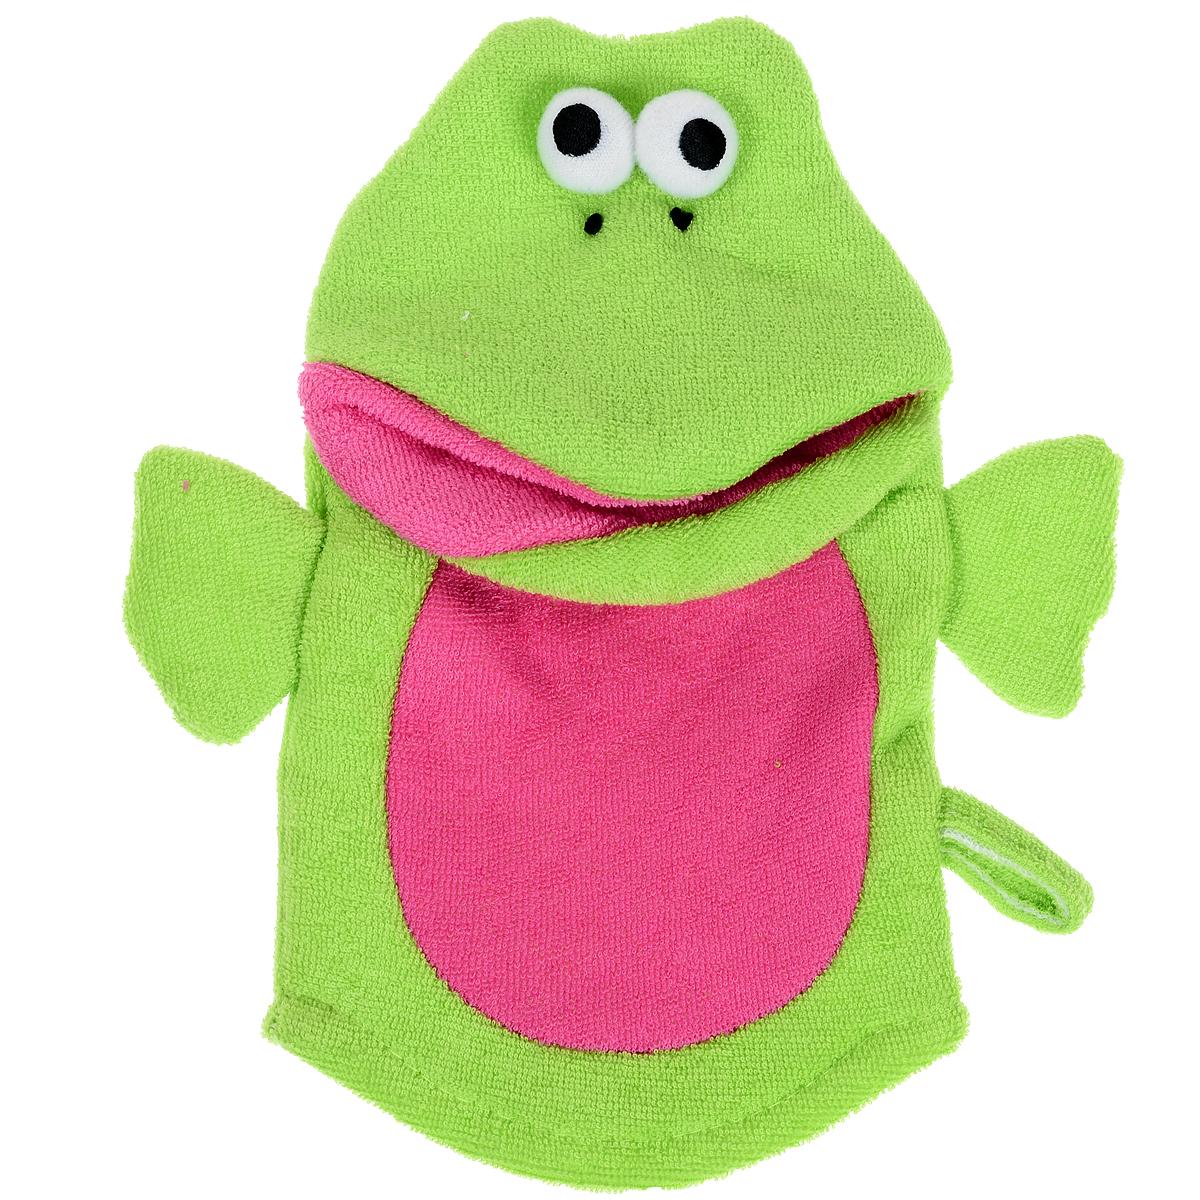 Варежка-мочалка детская Лягушка, цвет: зеленый, красныйSC-FM20104Мочалка для детей Лягушка выполнена в виде варежке с забавной лягушкой, которая надевается на руку. Нежная и мягкая варежка из специального материала создана для купания самых маленьких. Мягкая ткань нежно массирует, удаляя загрязнения, оставляя кожу малыша чистой. Через ткань малыш чувствует руку мамы. Варежка непременно привлечет внимание крохи и станет прекрасным поводом помыться самостоятельно, когда ваш ребенок подрастет.